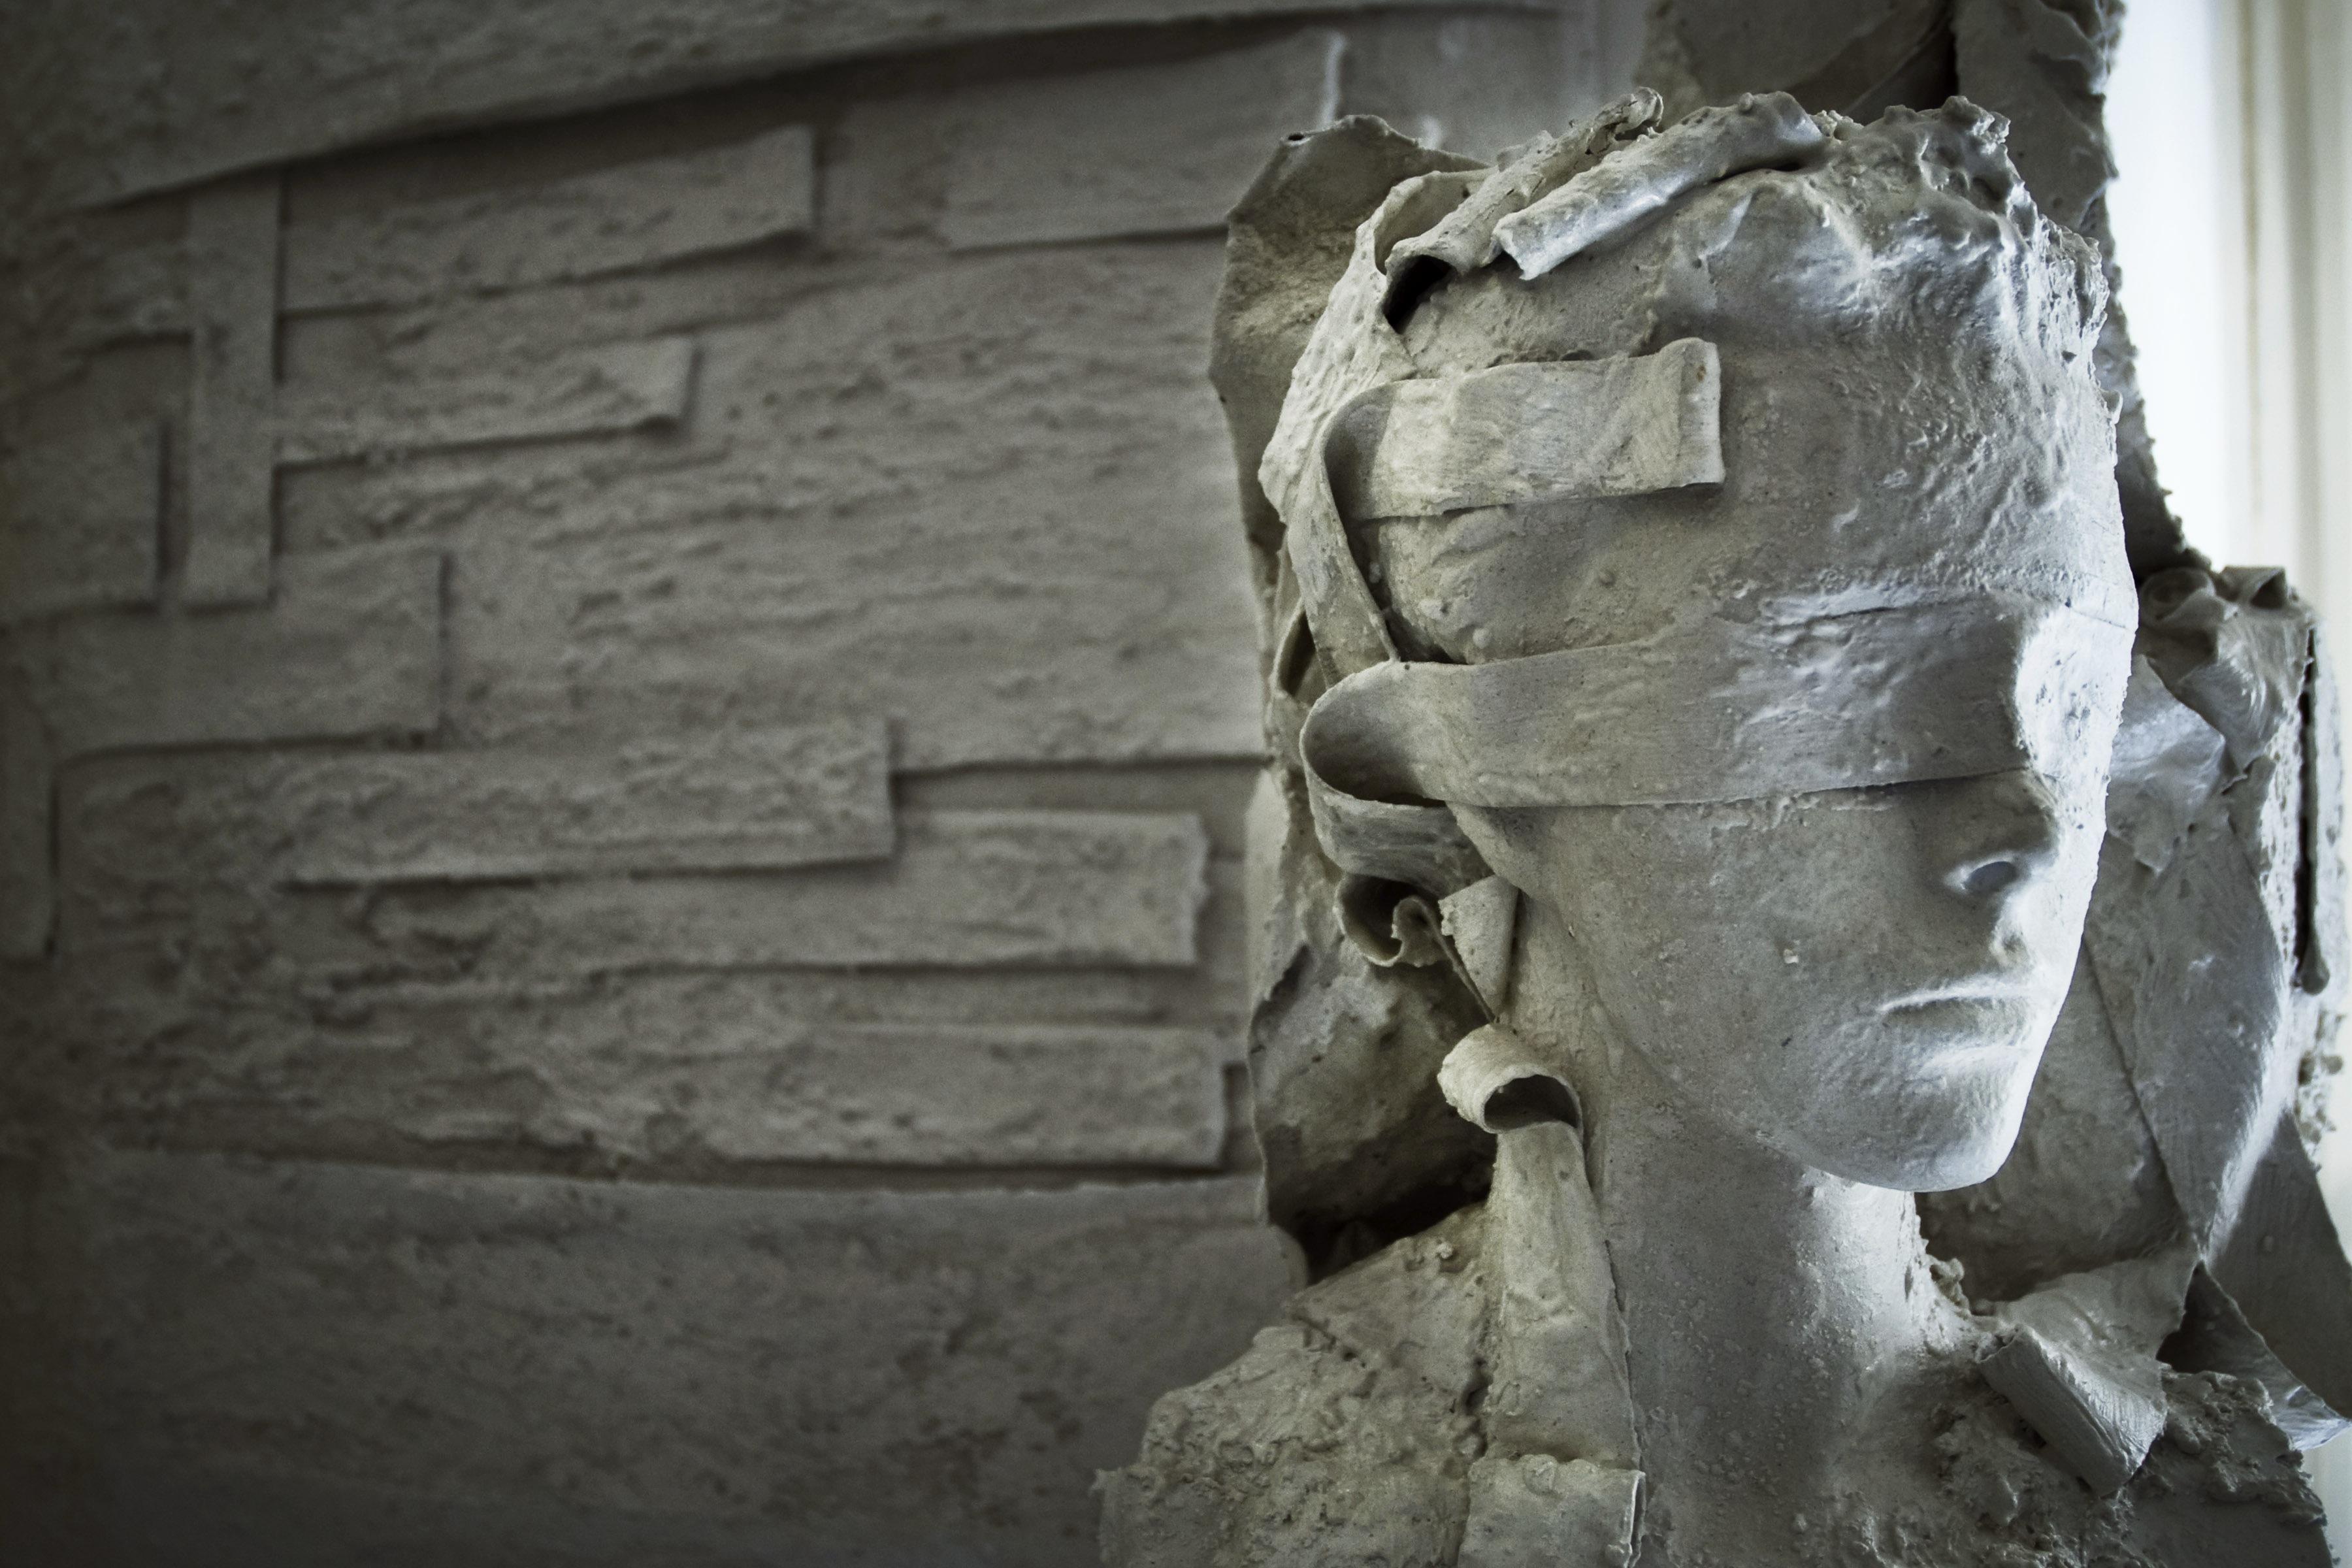 tela e cemento arte materica  della scultura di Edy gree artista contemporanea taormina sicilia bergamo